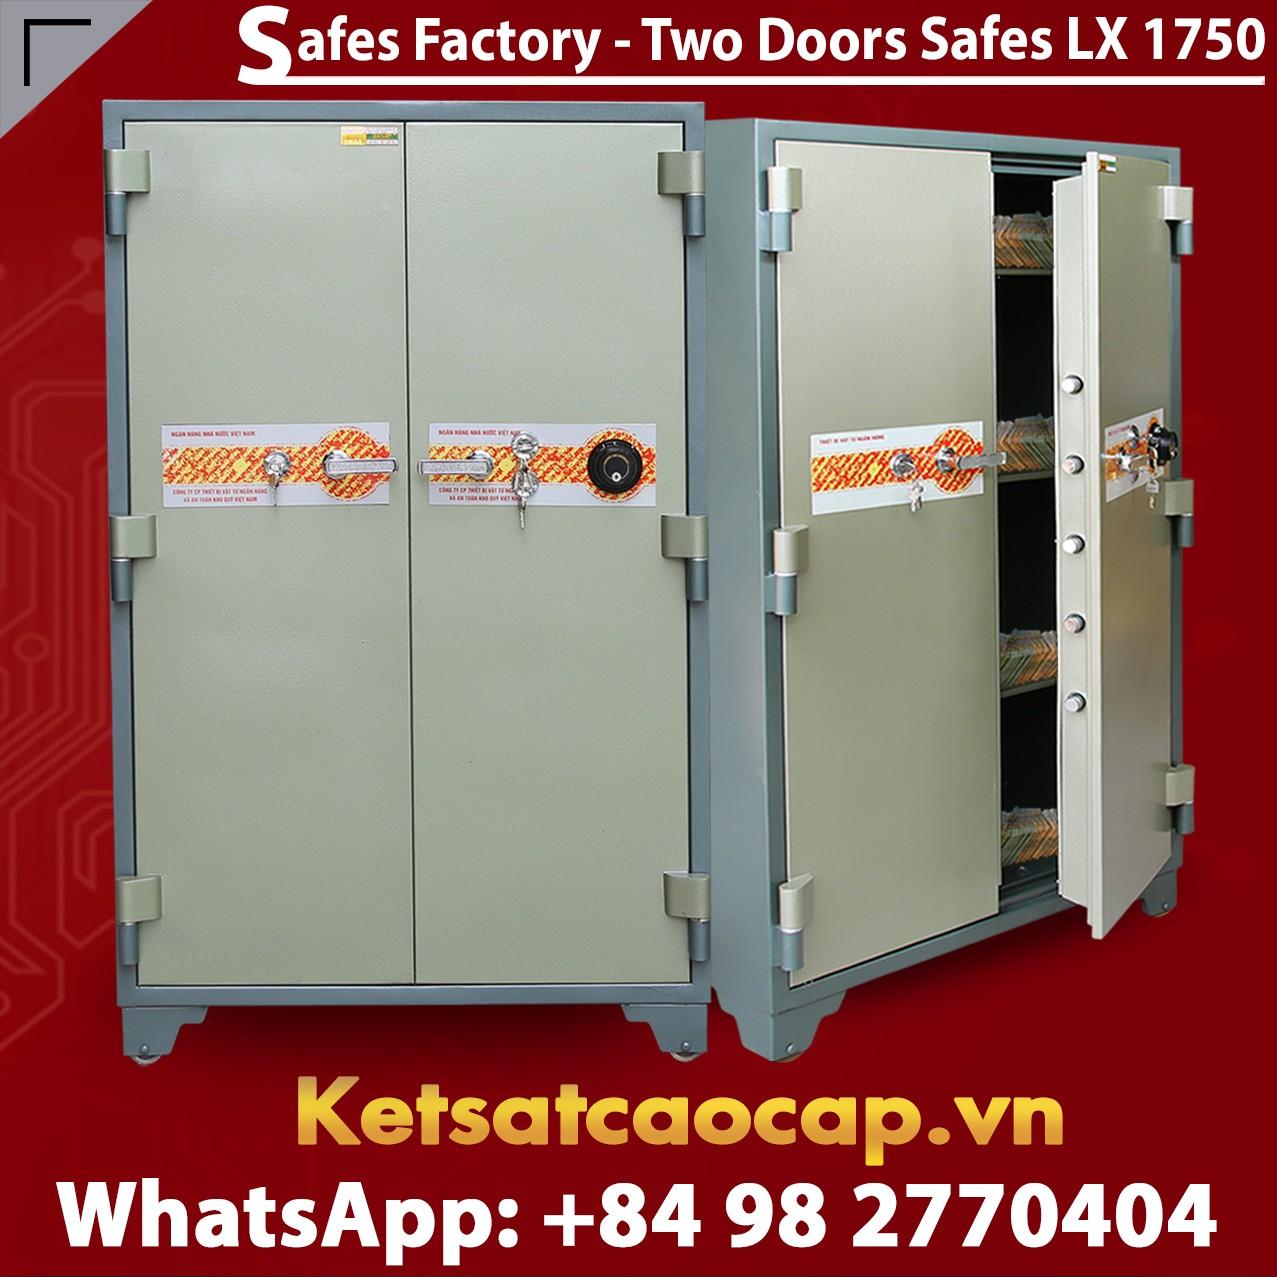 Bank Safe LX1750 DK Two Doors Mordern Design Security